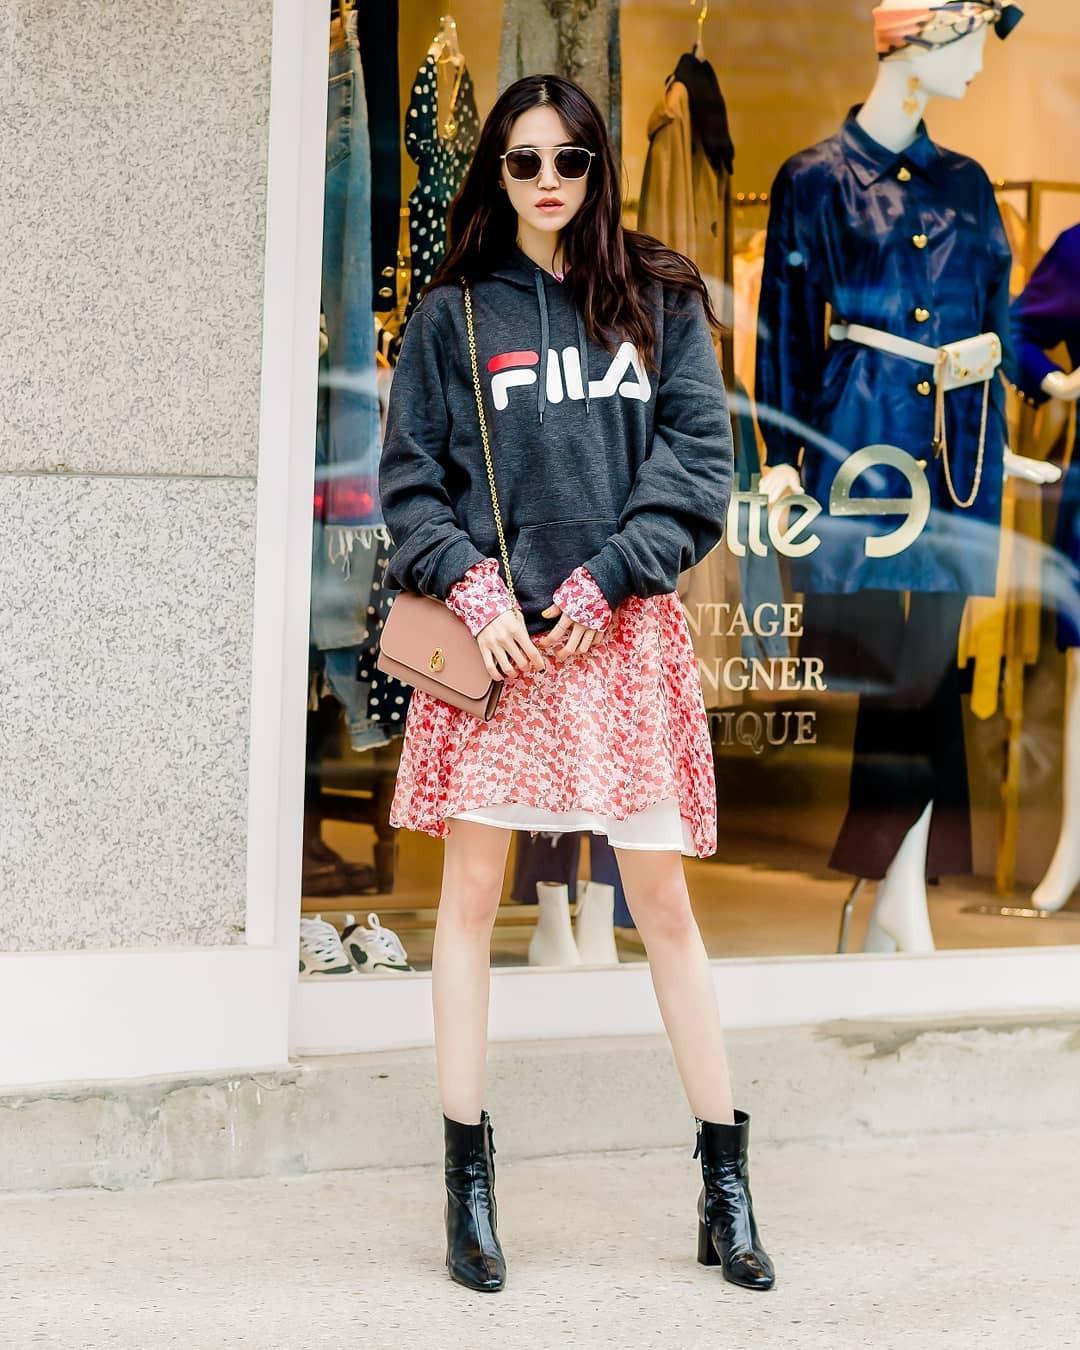 Street style của con gái Hàn tuần qua: chẳng cầu kỳ mà đẹp phát mê, ai xem xong cũng dễ crush - Ảnh 2.